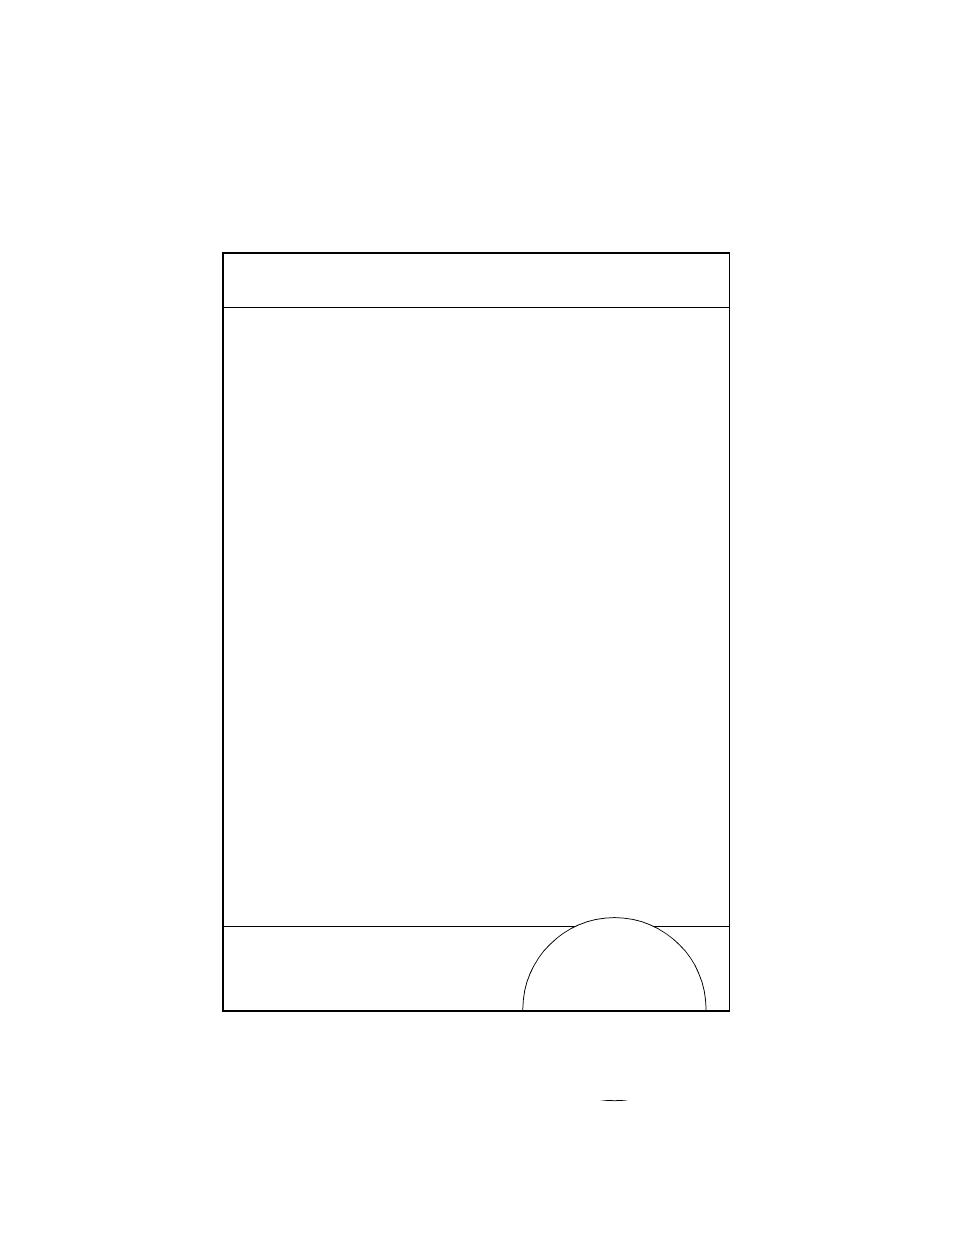 Encendido Y Apagado Symbol Technologies 3100 Series User Manual